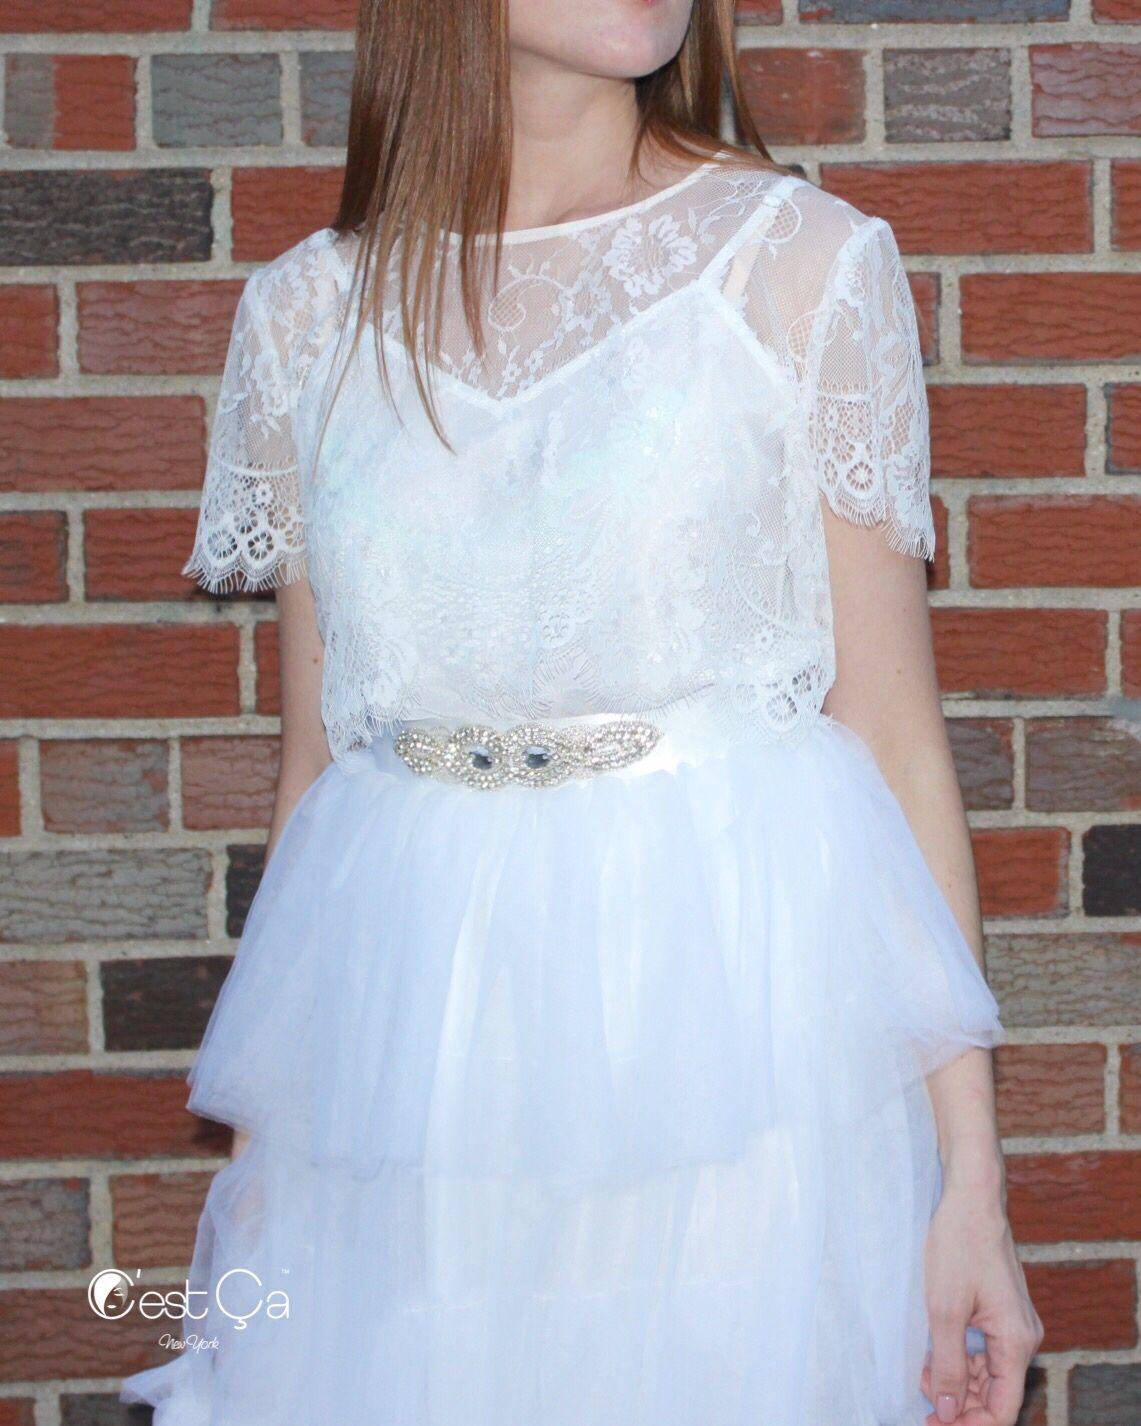 Anne jeweled bridal sash lace bolero wedding and wedding